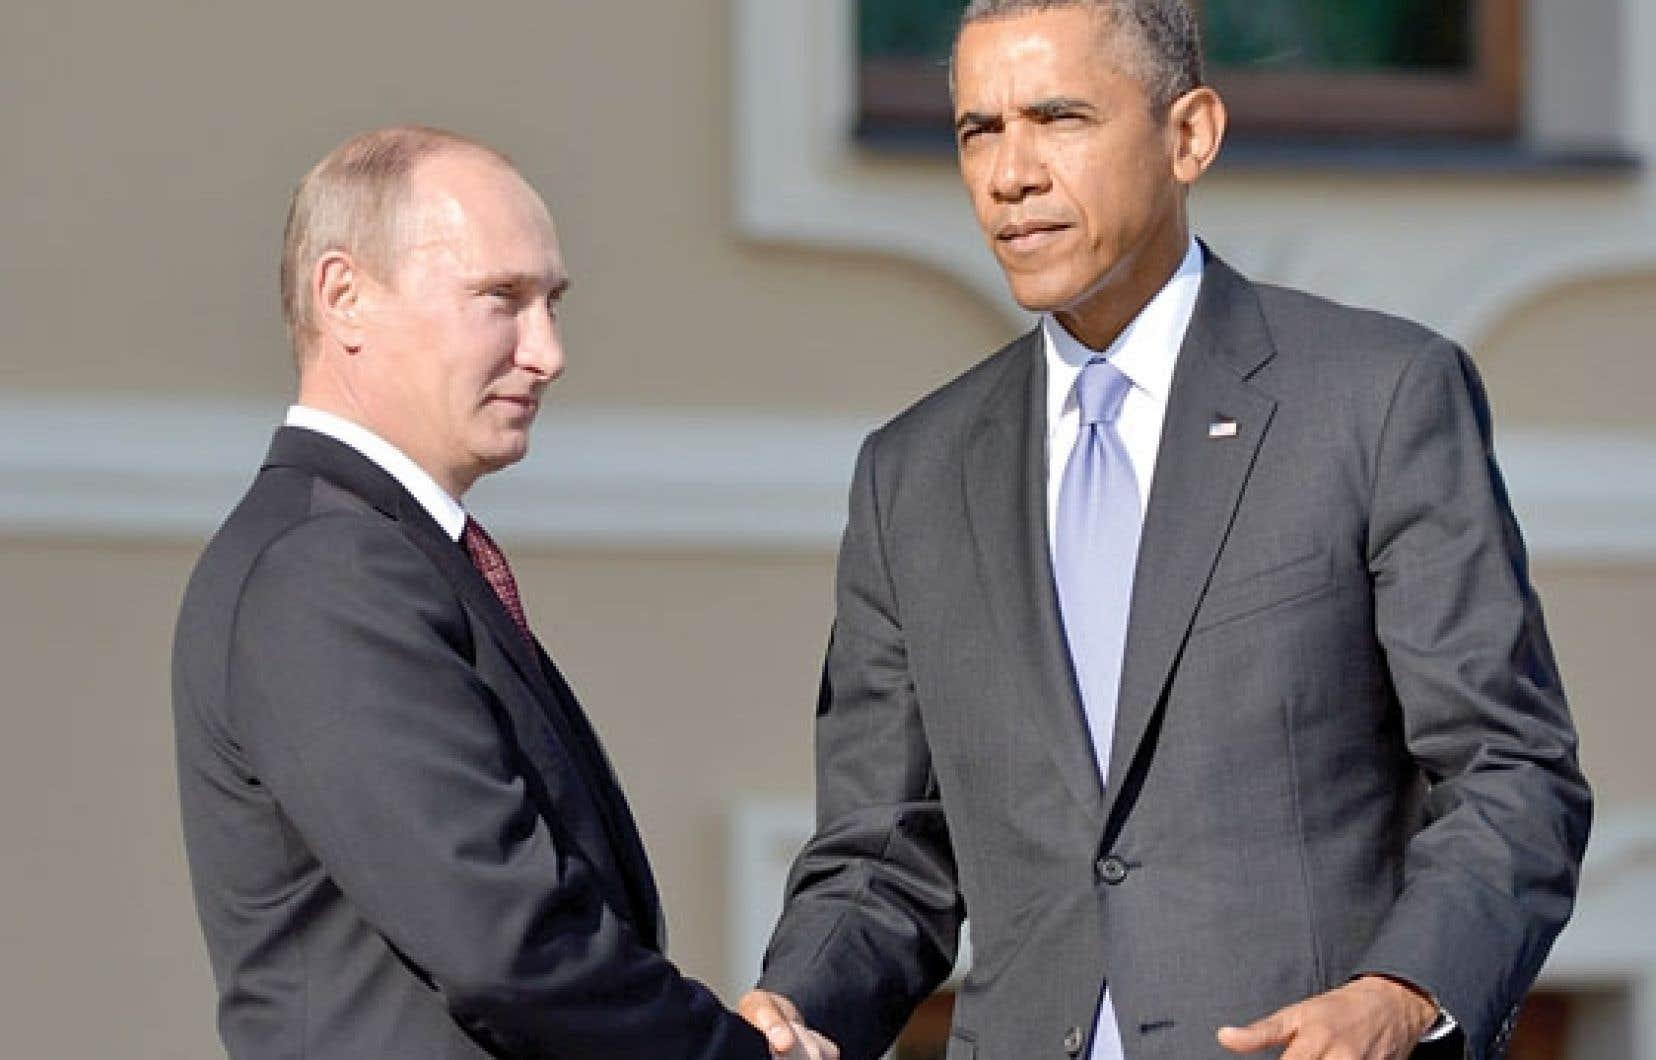 Seule une brève poignée de main a rapproché Barack Obama et Vladimir Poutine lors de l'arrivée officielle du président américain au sommet du G20.